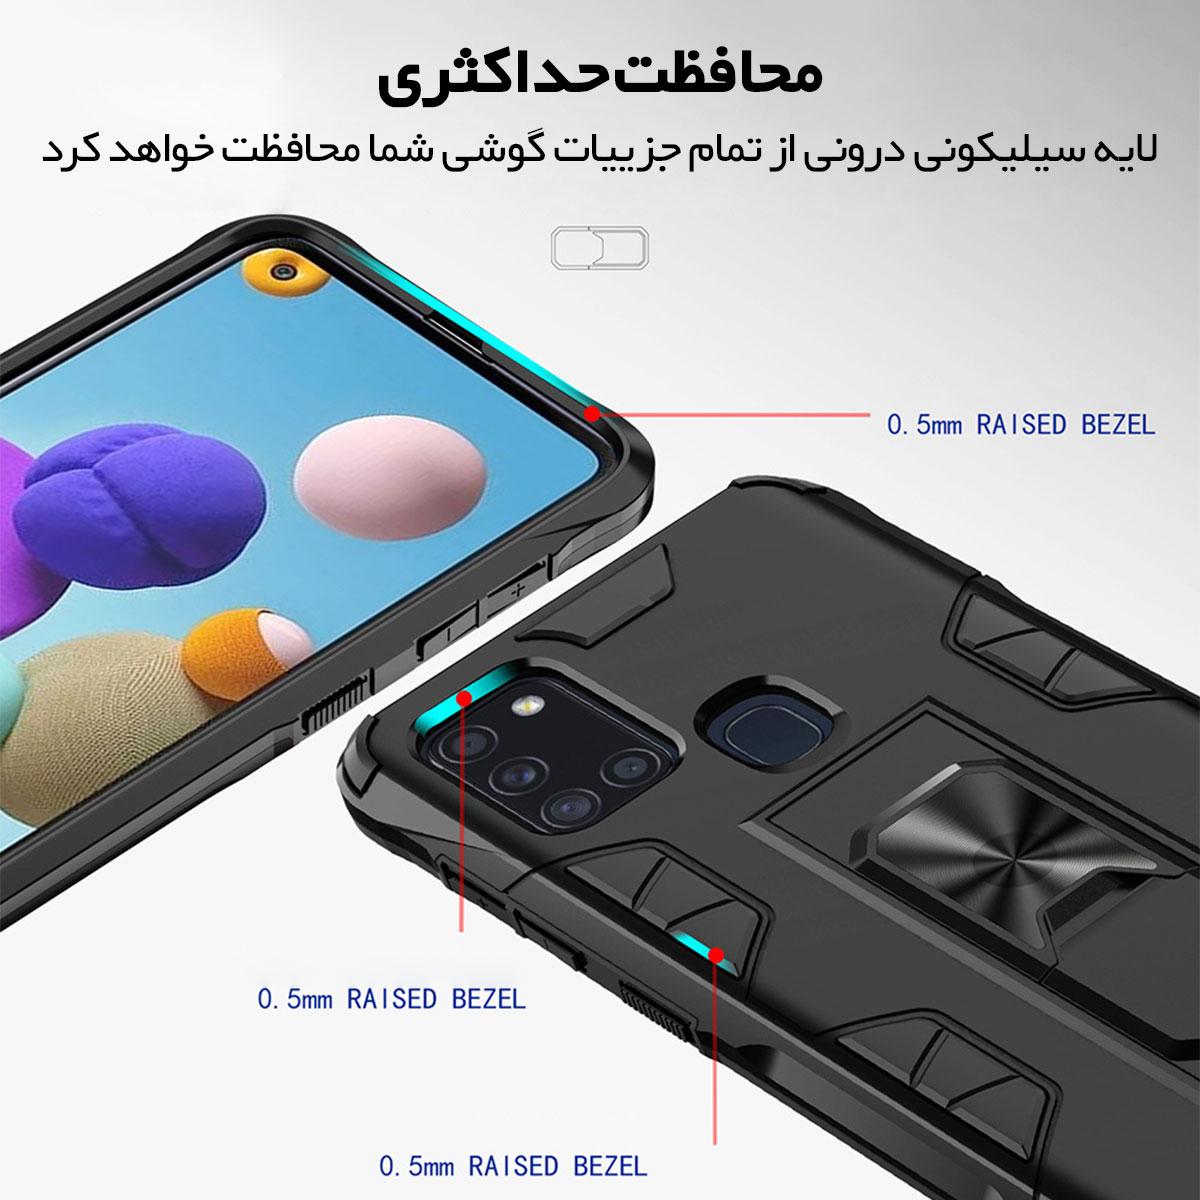 کاور لوکسار مدل Defence90s مناسب برای گوشی موبایل سامسونگ Galaxy A21s